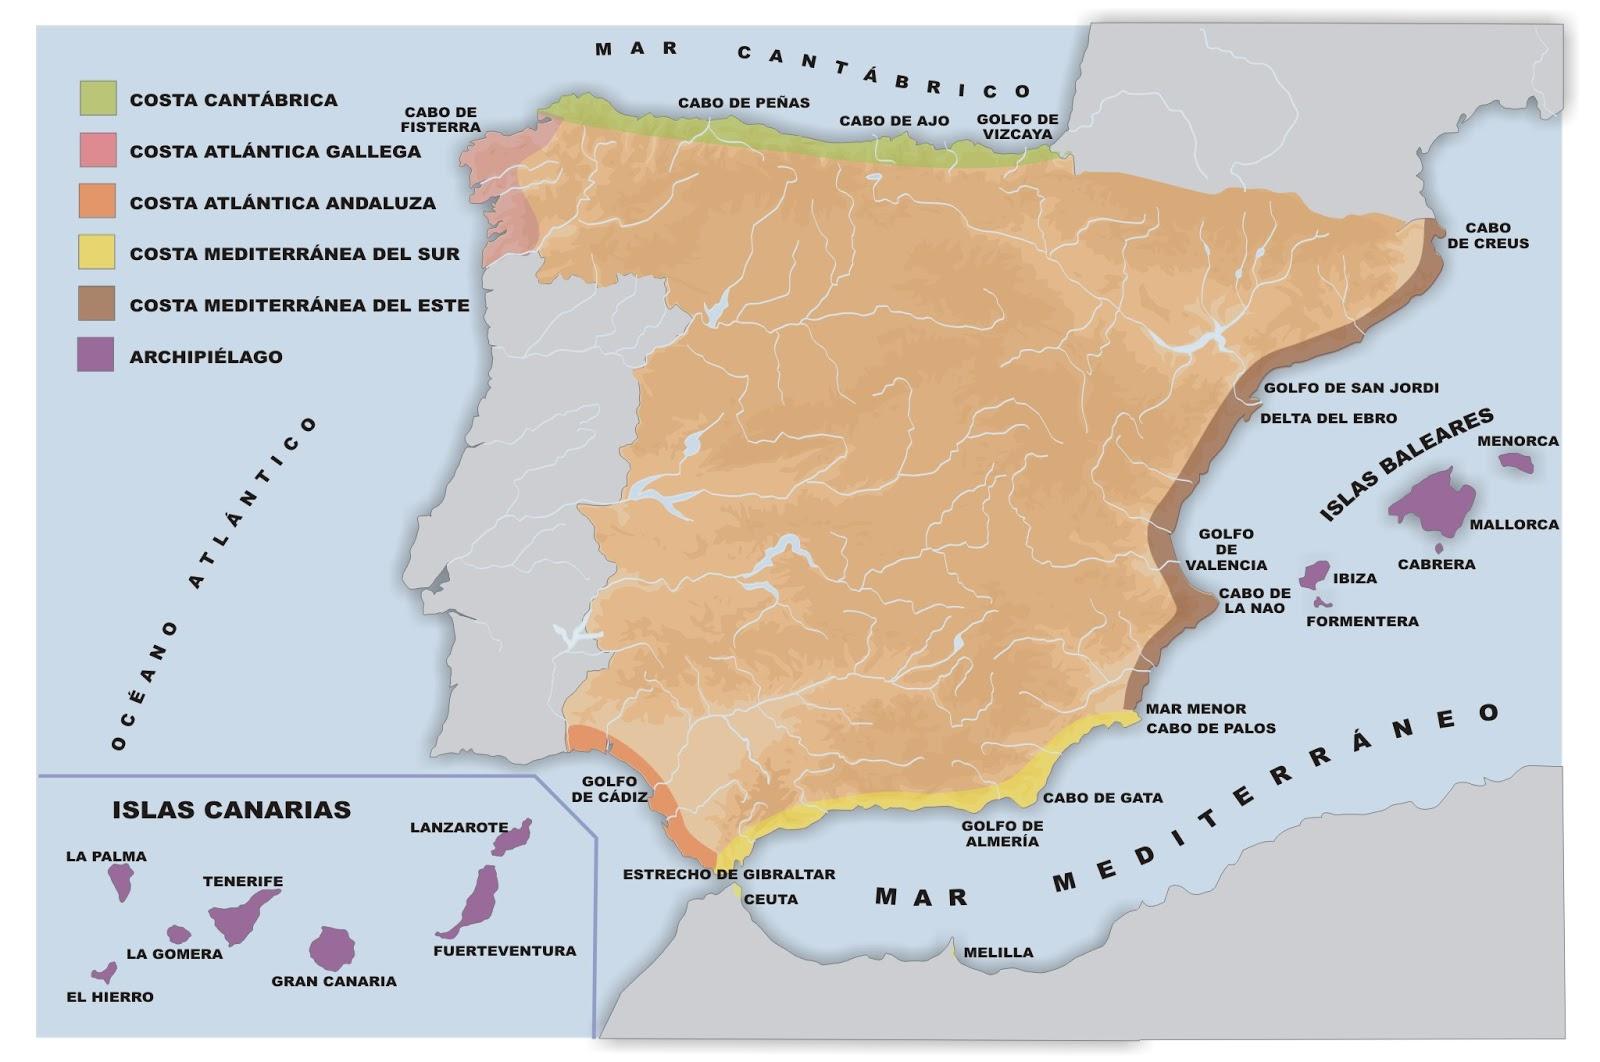 Mapa De España Costas.Me Gustan Las Sociales Espana Mapa Fisico Ii Rios Y Costas